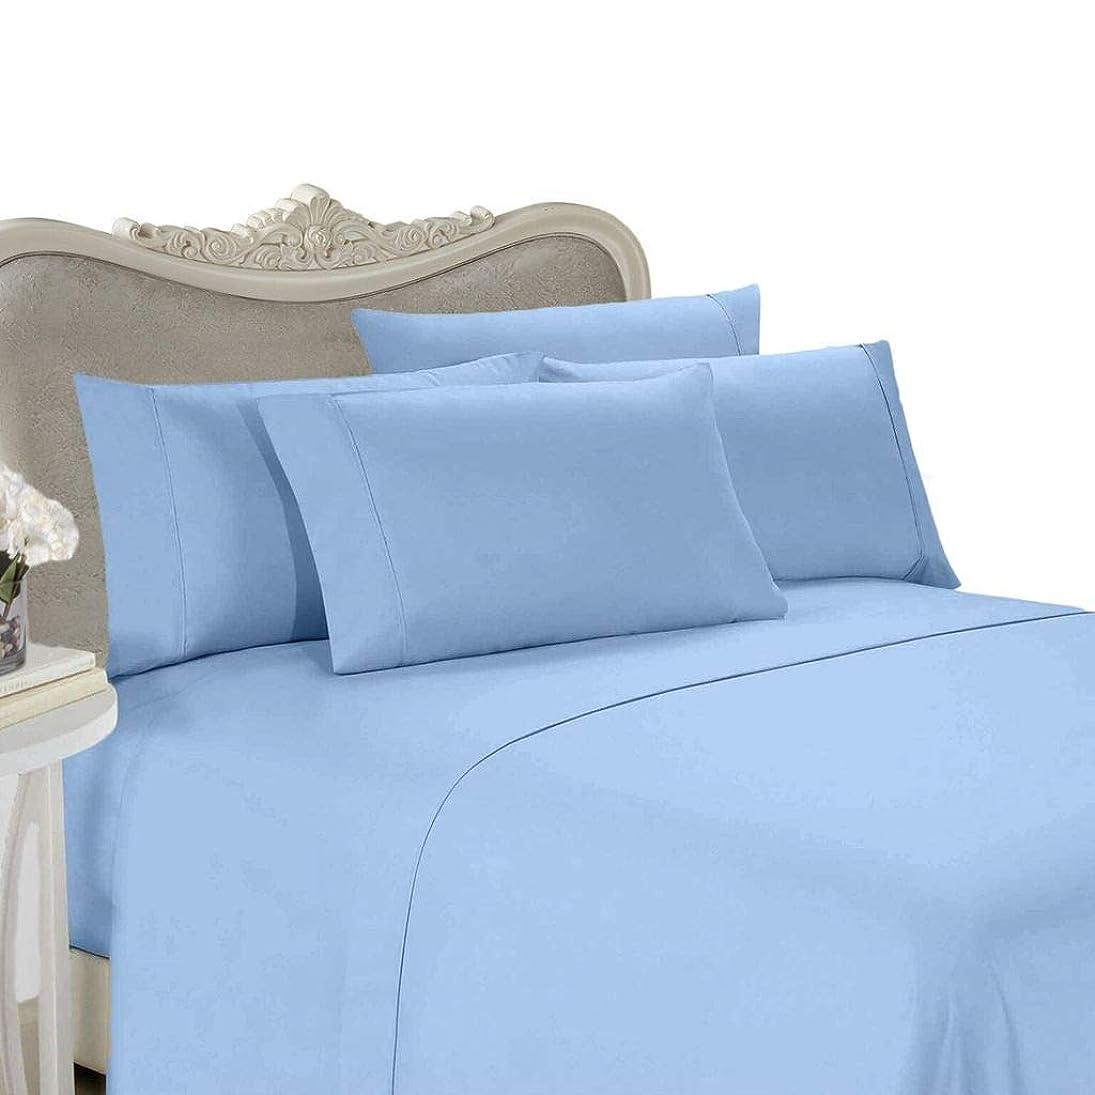 警報のためコンサートエジプト寝具1000スレッドカウントに、クイーン枕ケース、ブルーソリッドのセット2